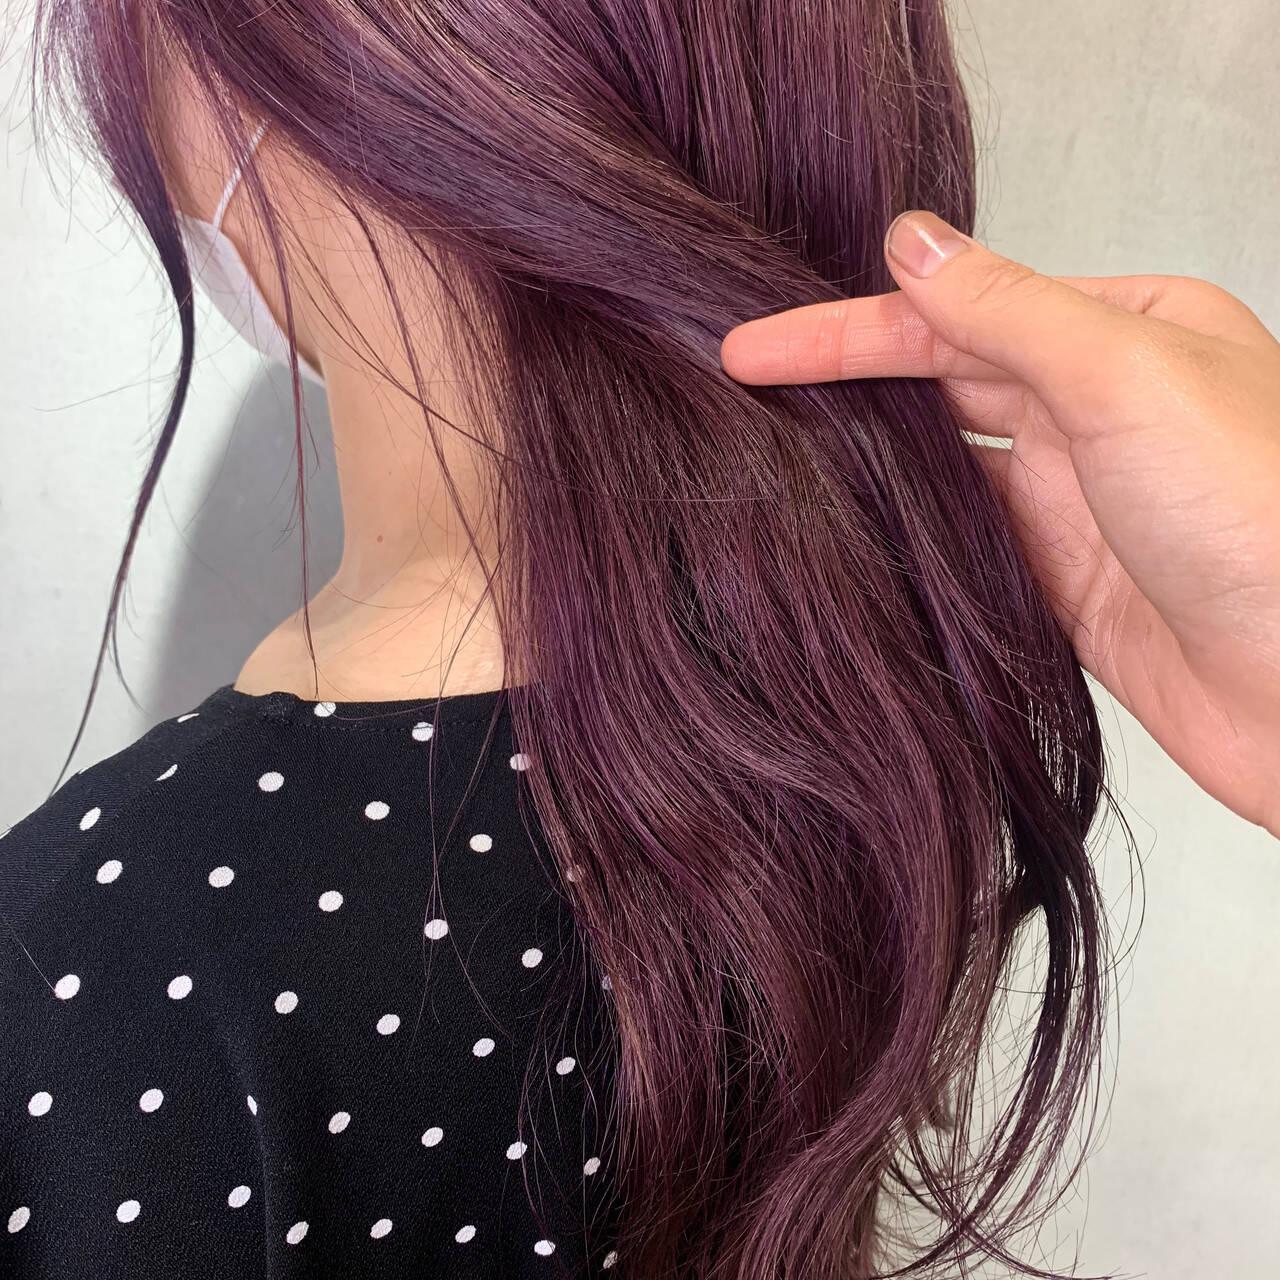 エレガント ピンクブラウン ラズベリーピンク ロングヘアスタイルや髪型の写真・画像